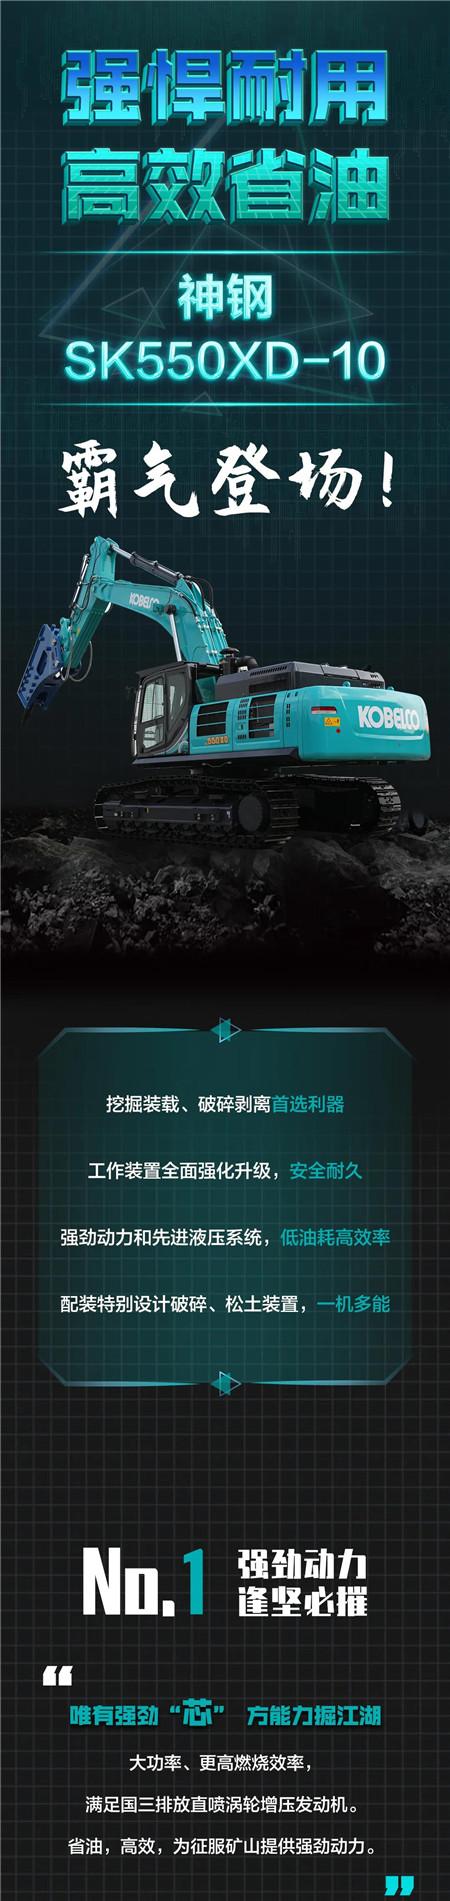 矿山新利器丨神钢SK550XD-10,它来了!!